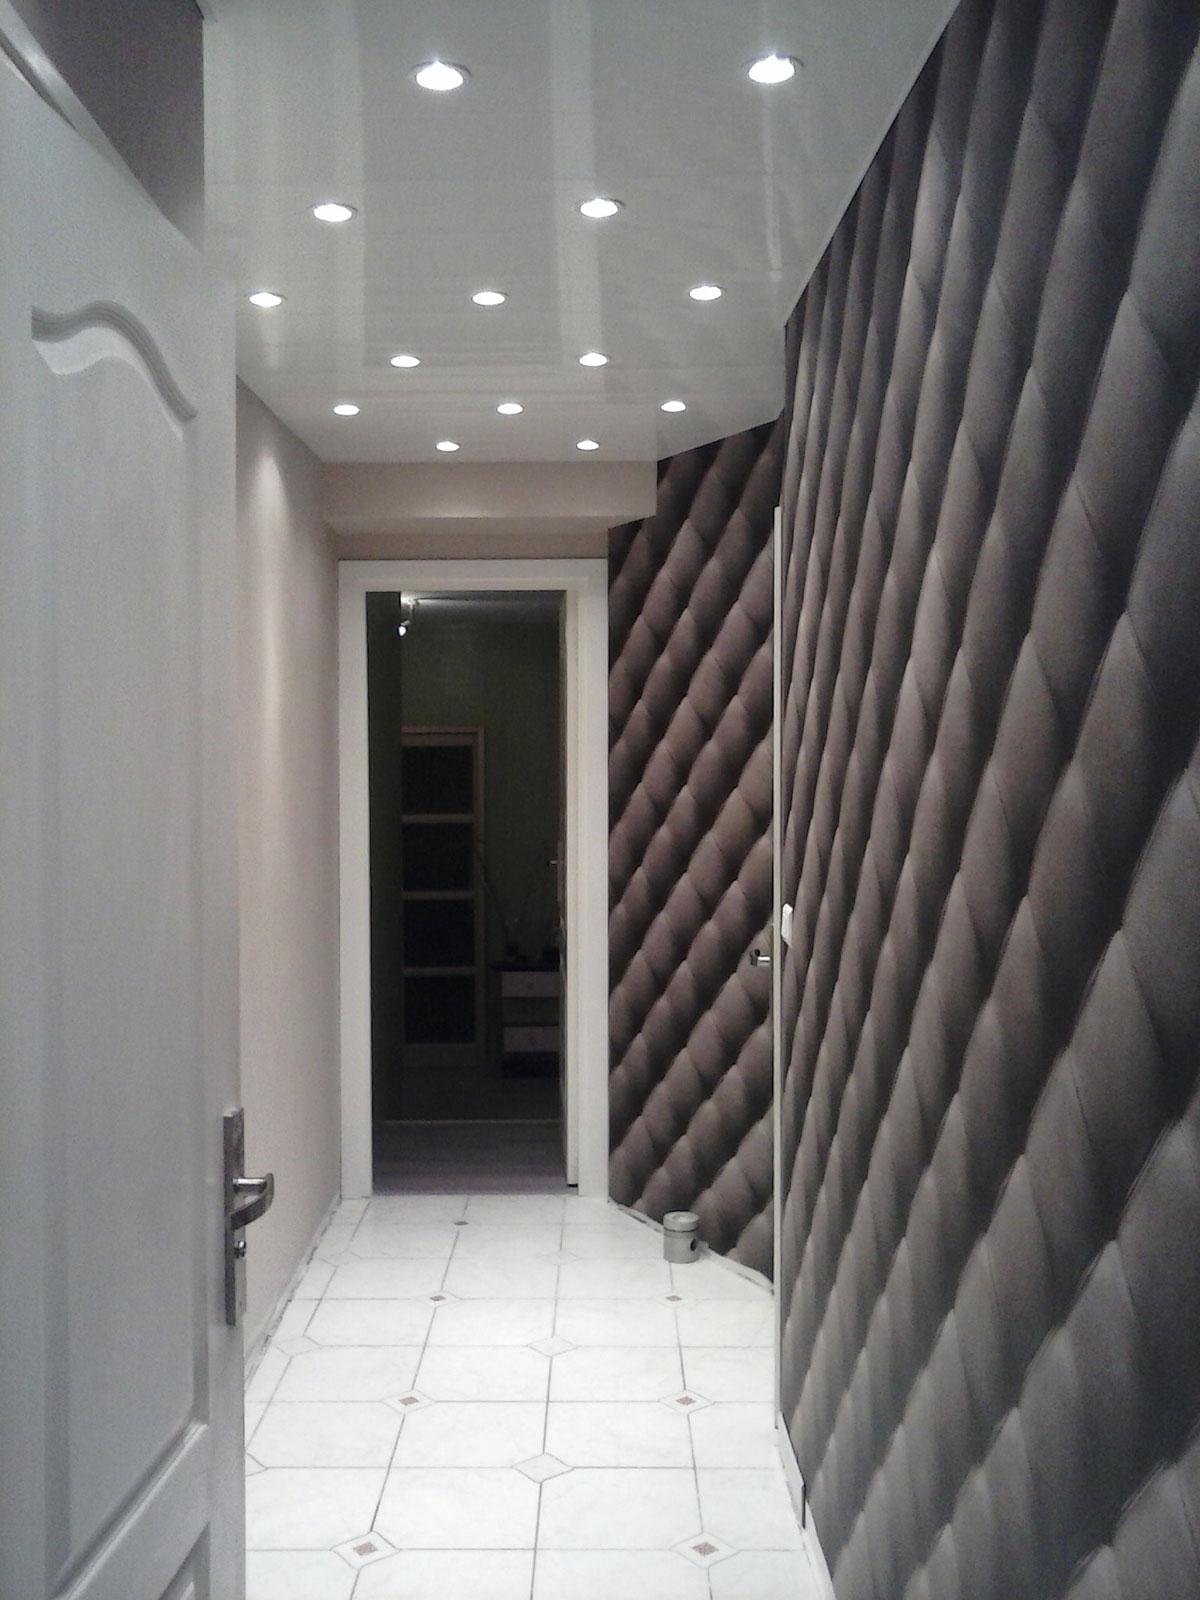 Couleur pour chambre sombre - Peindre un couloir en 2 couleurs ...